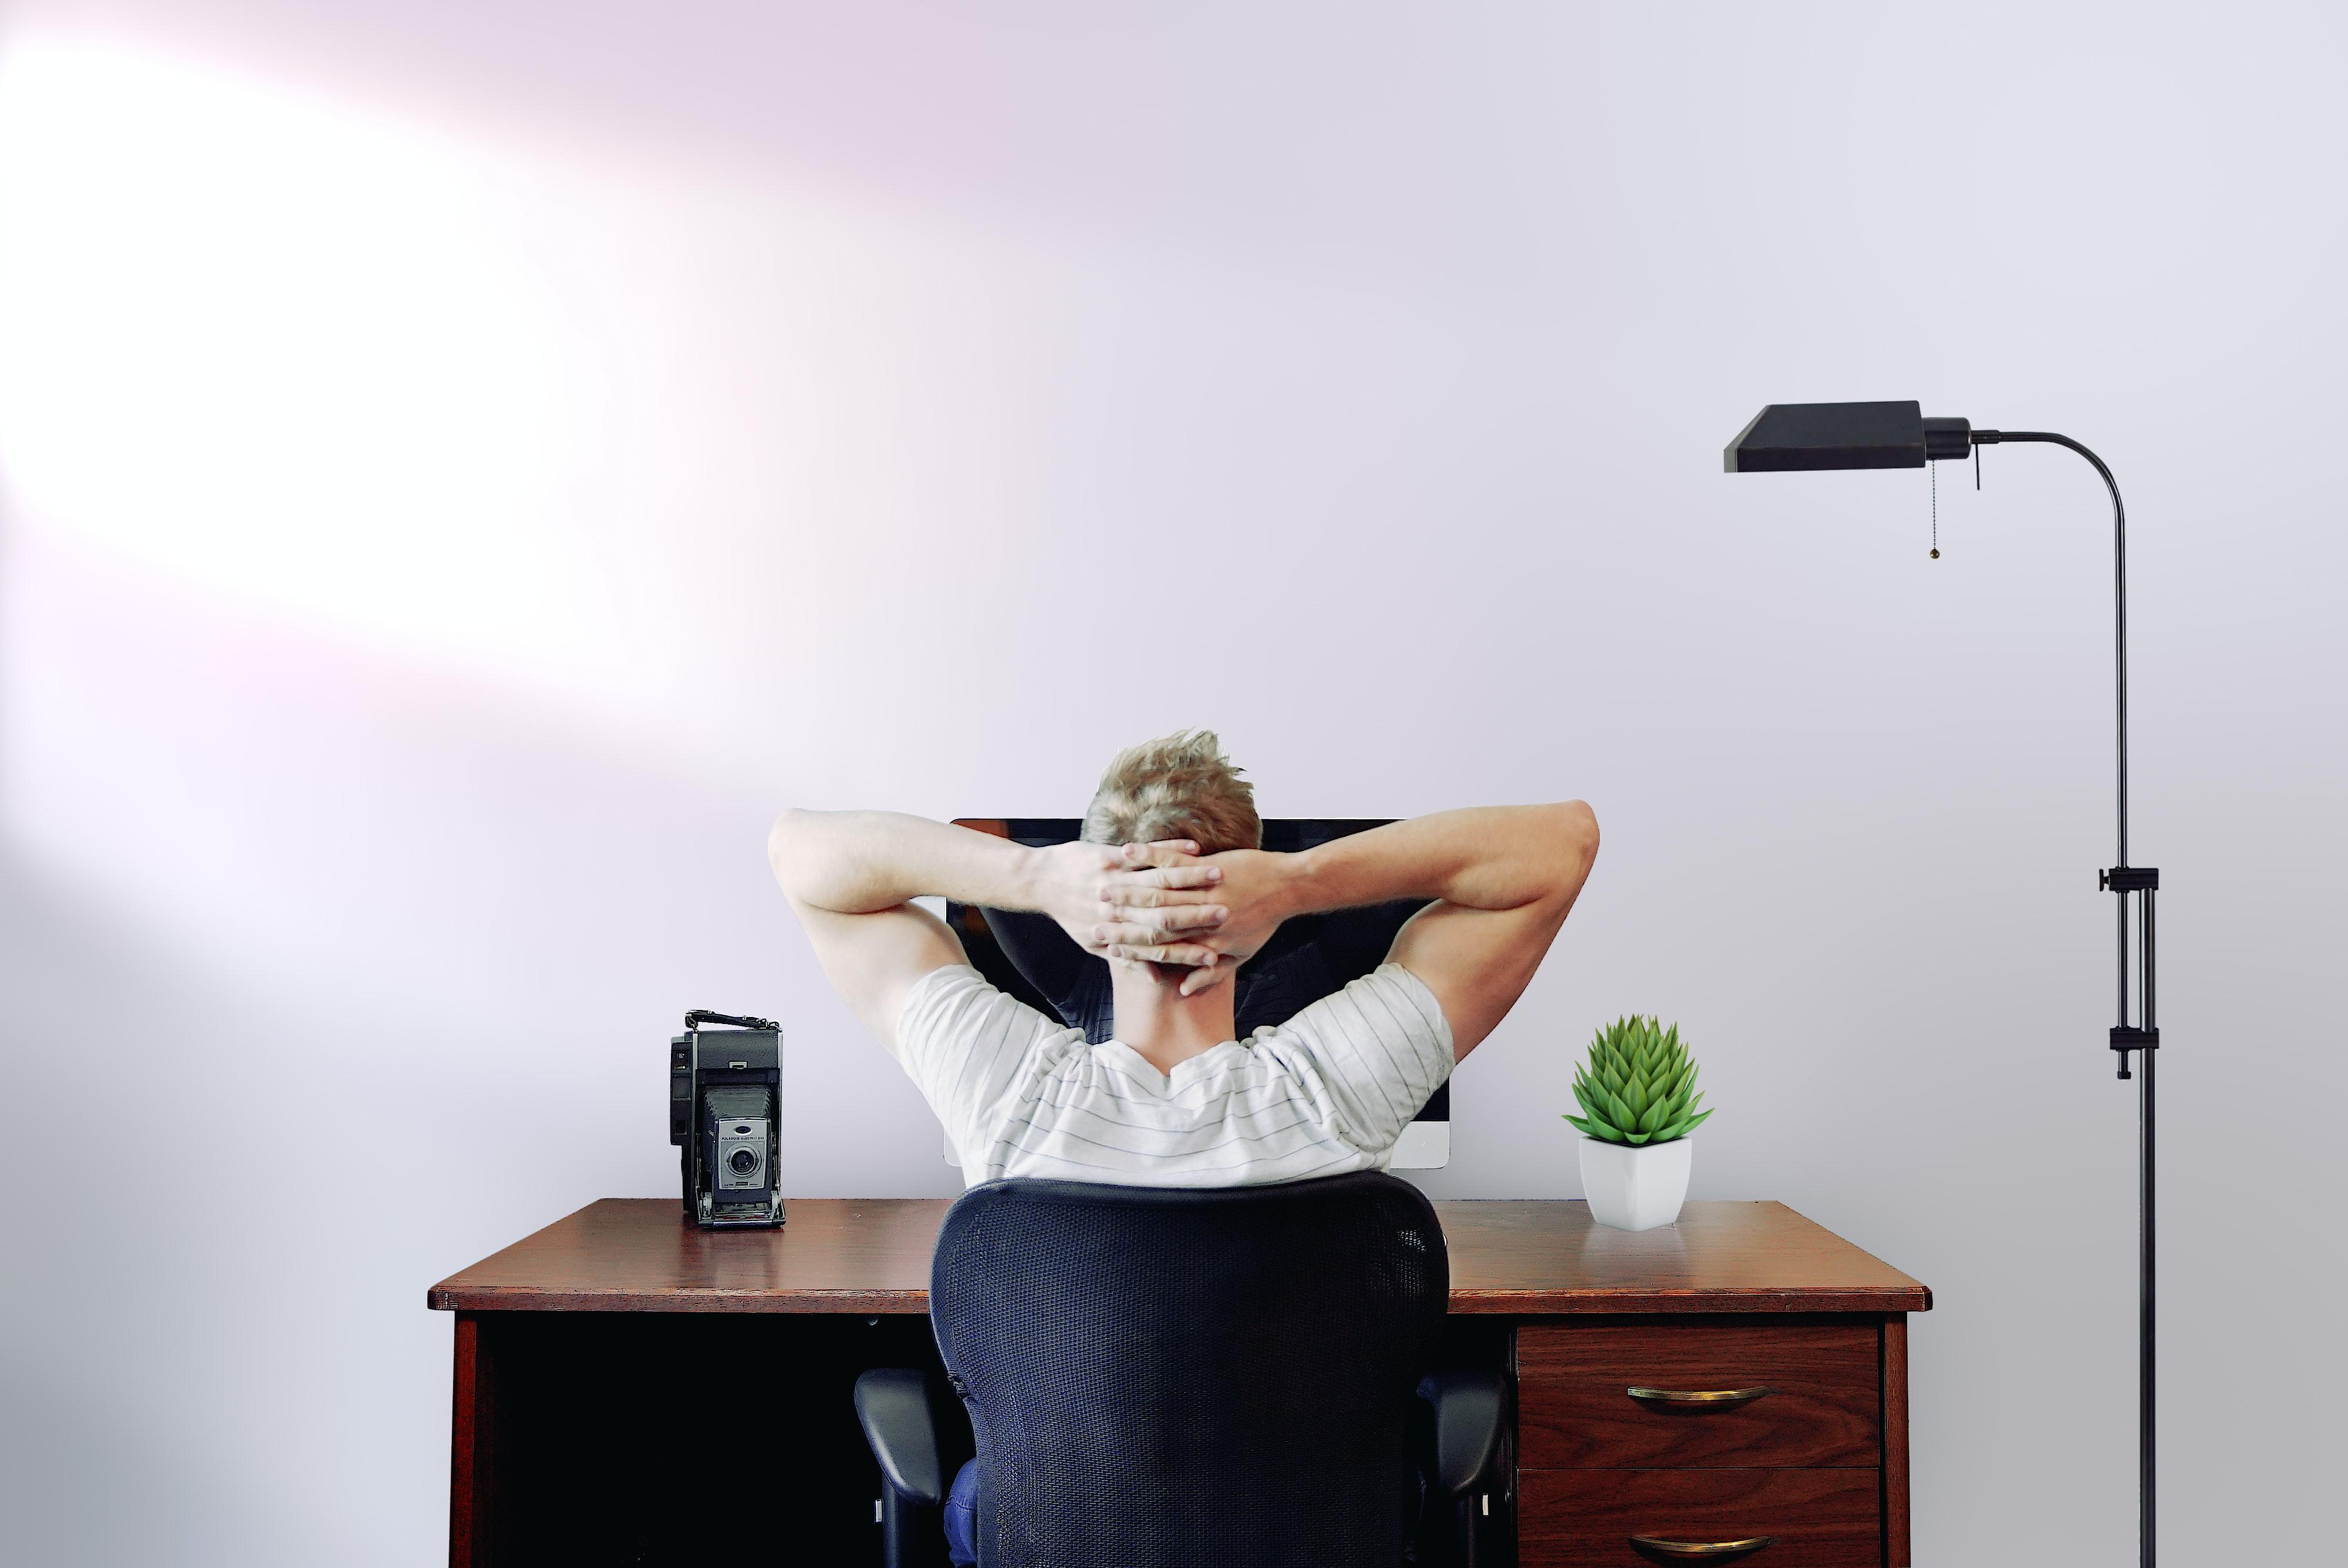 Télétravail : 5 tips pour organiser efficacement sa journée de travail à la maison